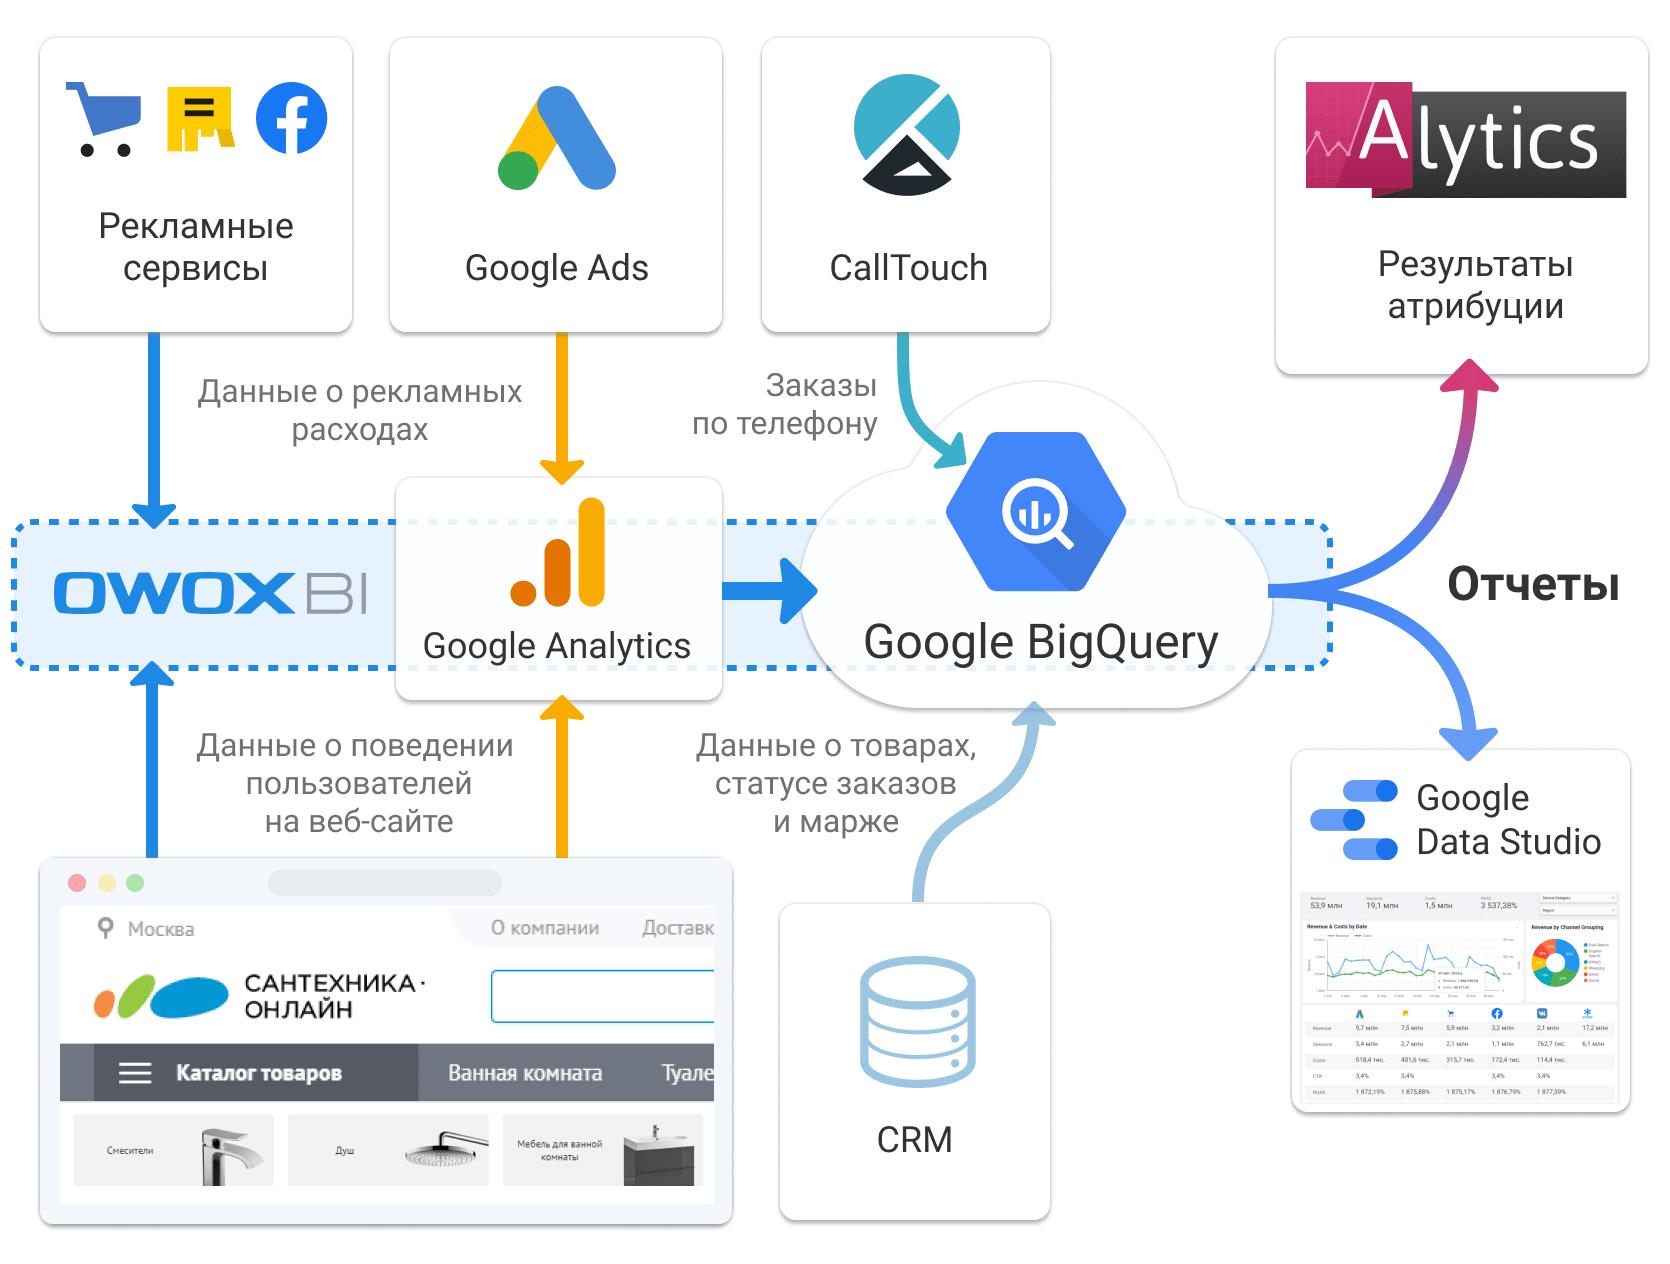 Схема объединения данных для аналитики